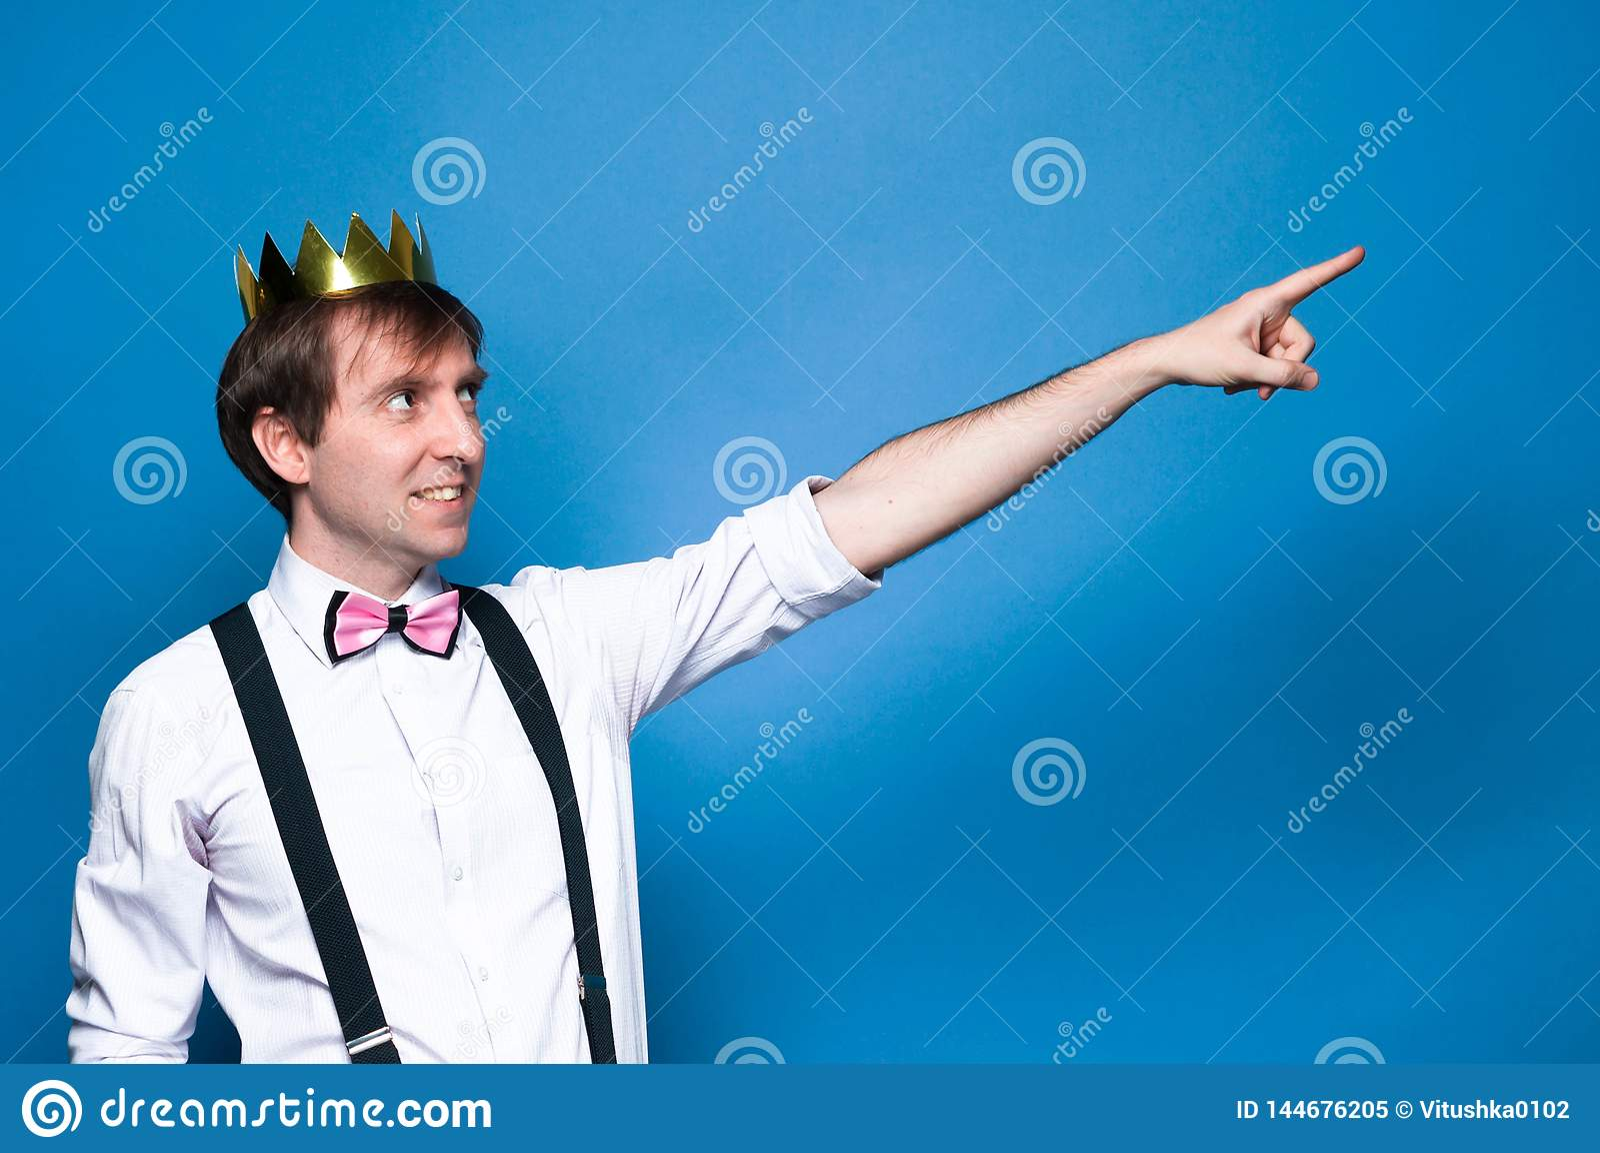 Hombre en camisa, liga, corbata de lazo y corona de oro, sonriendo, mirando lejos y ponting con el finger en distancia en fondo a